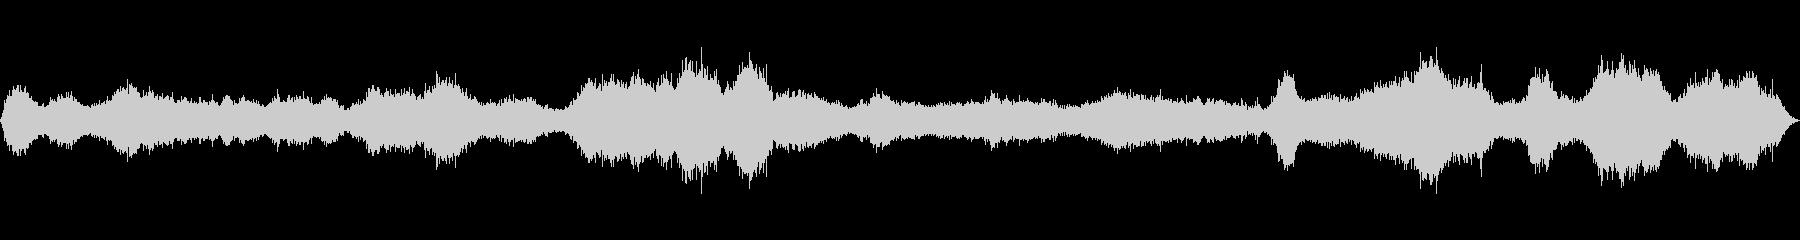 ブルースタリーブリーズの未再生の波形